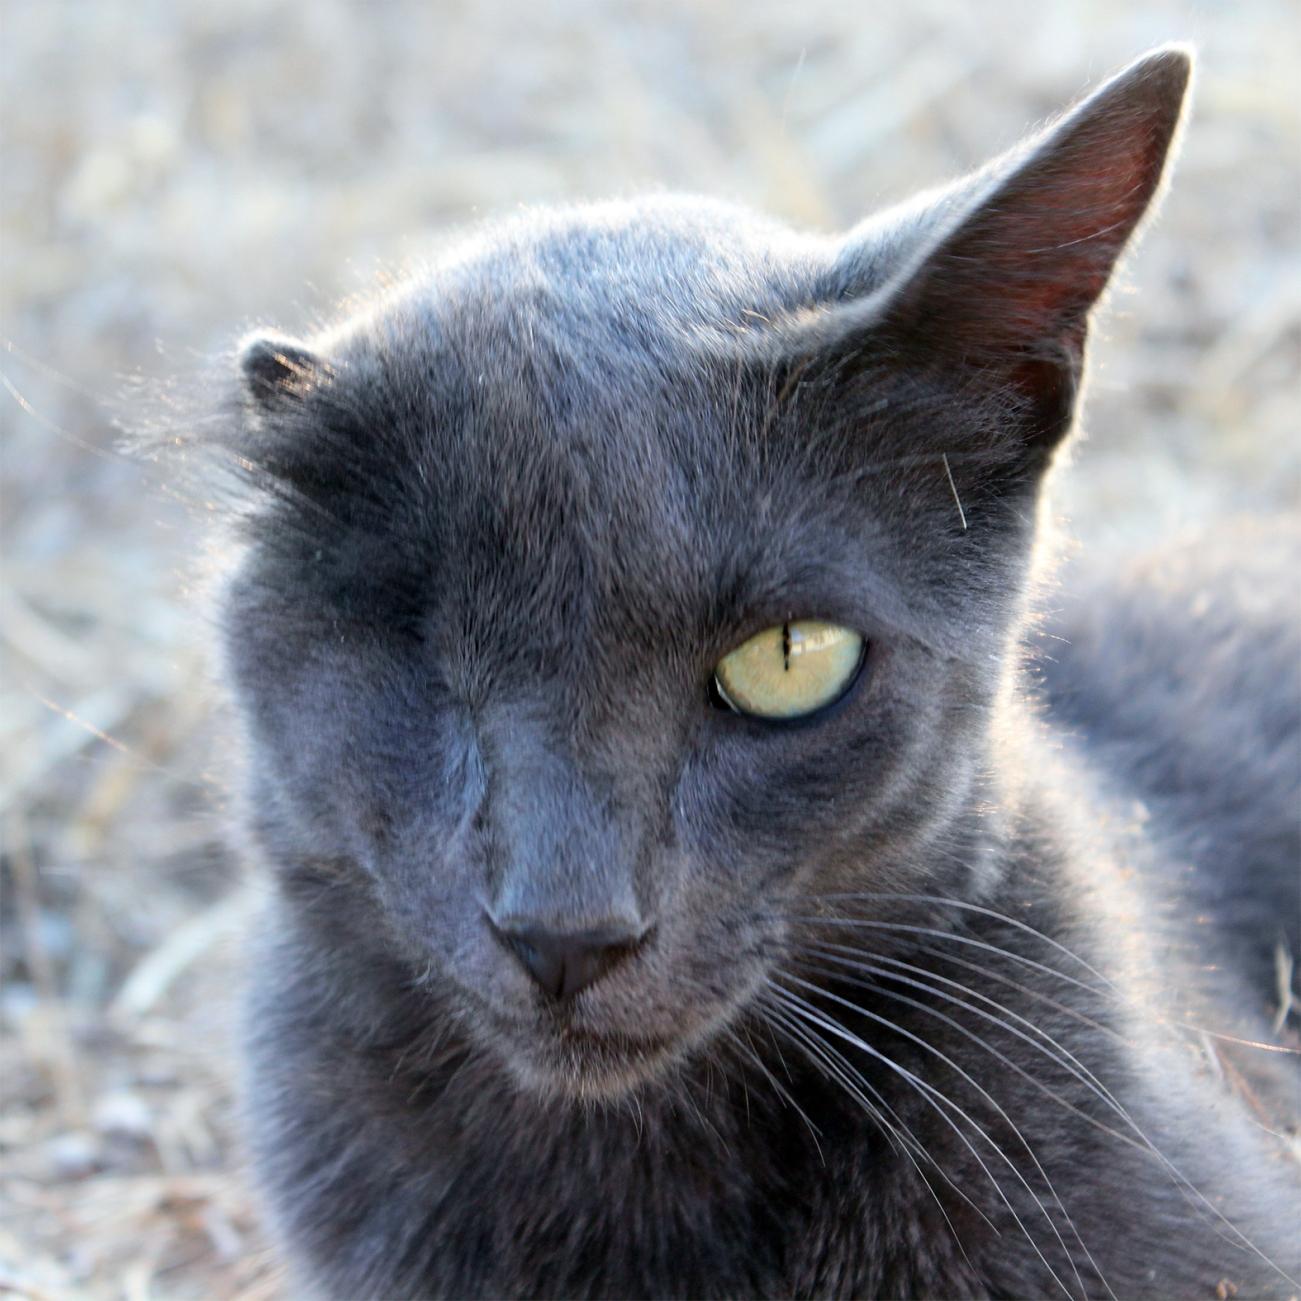 Flor the cat